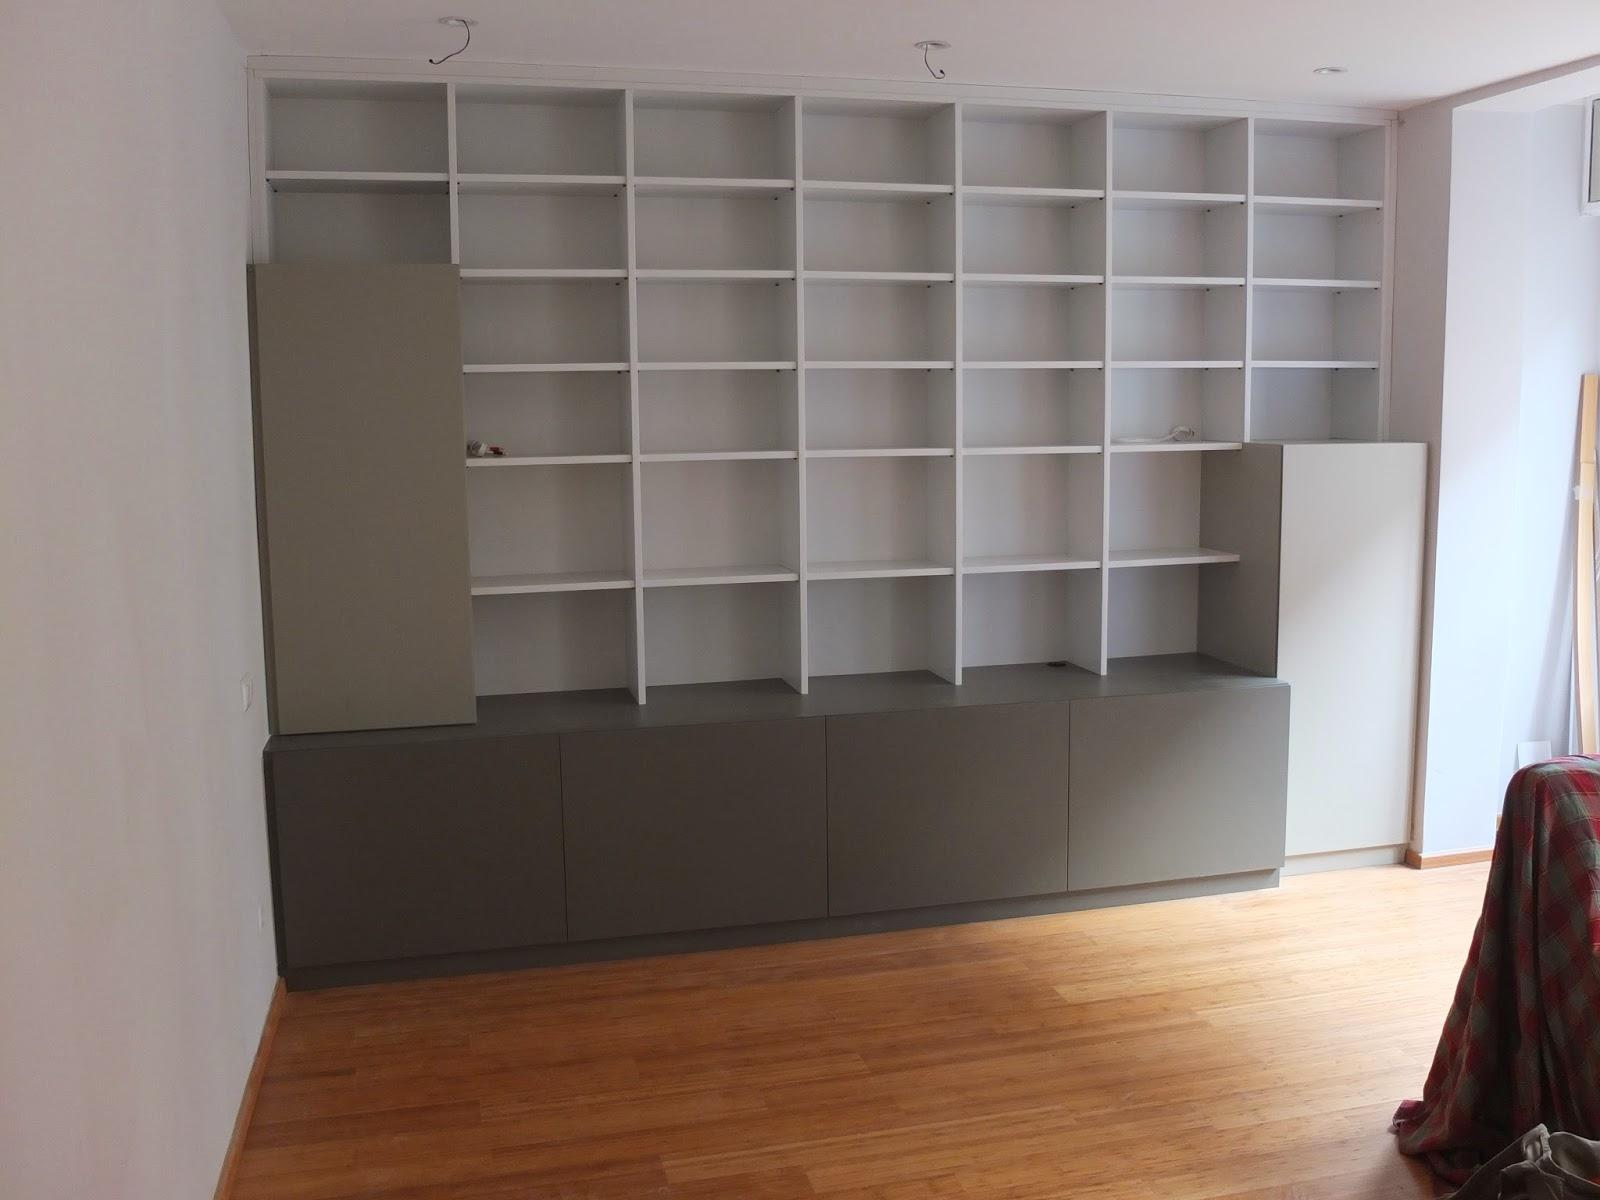 mueble de estanteras en acabos de laca de poliuretano para libros equipo de msica y televisin